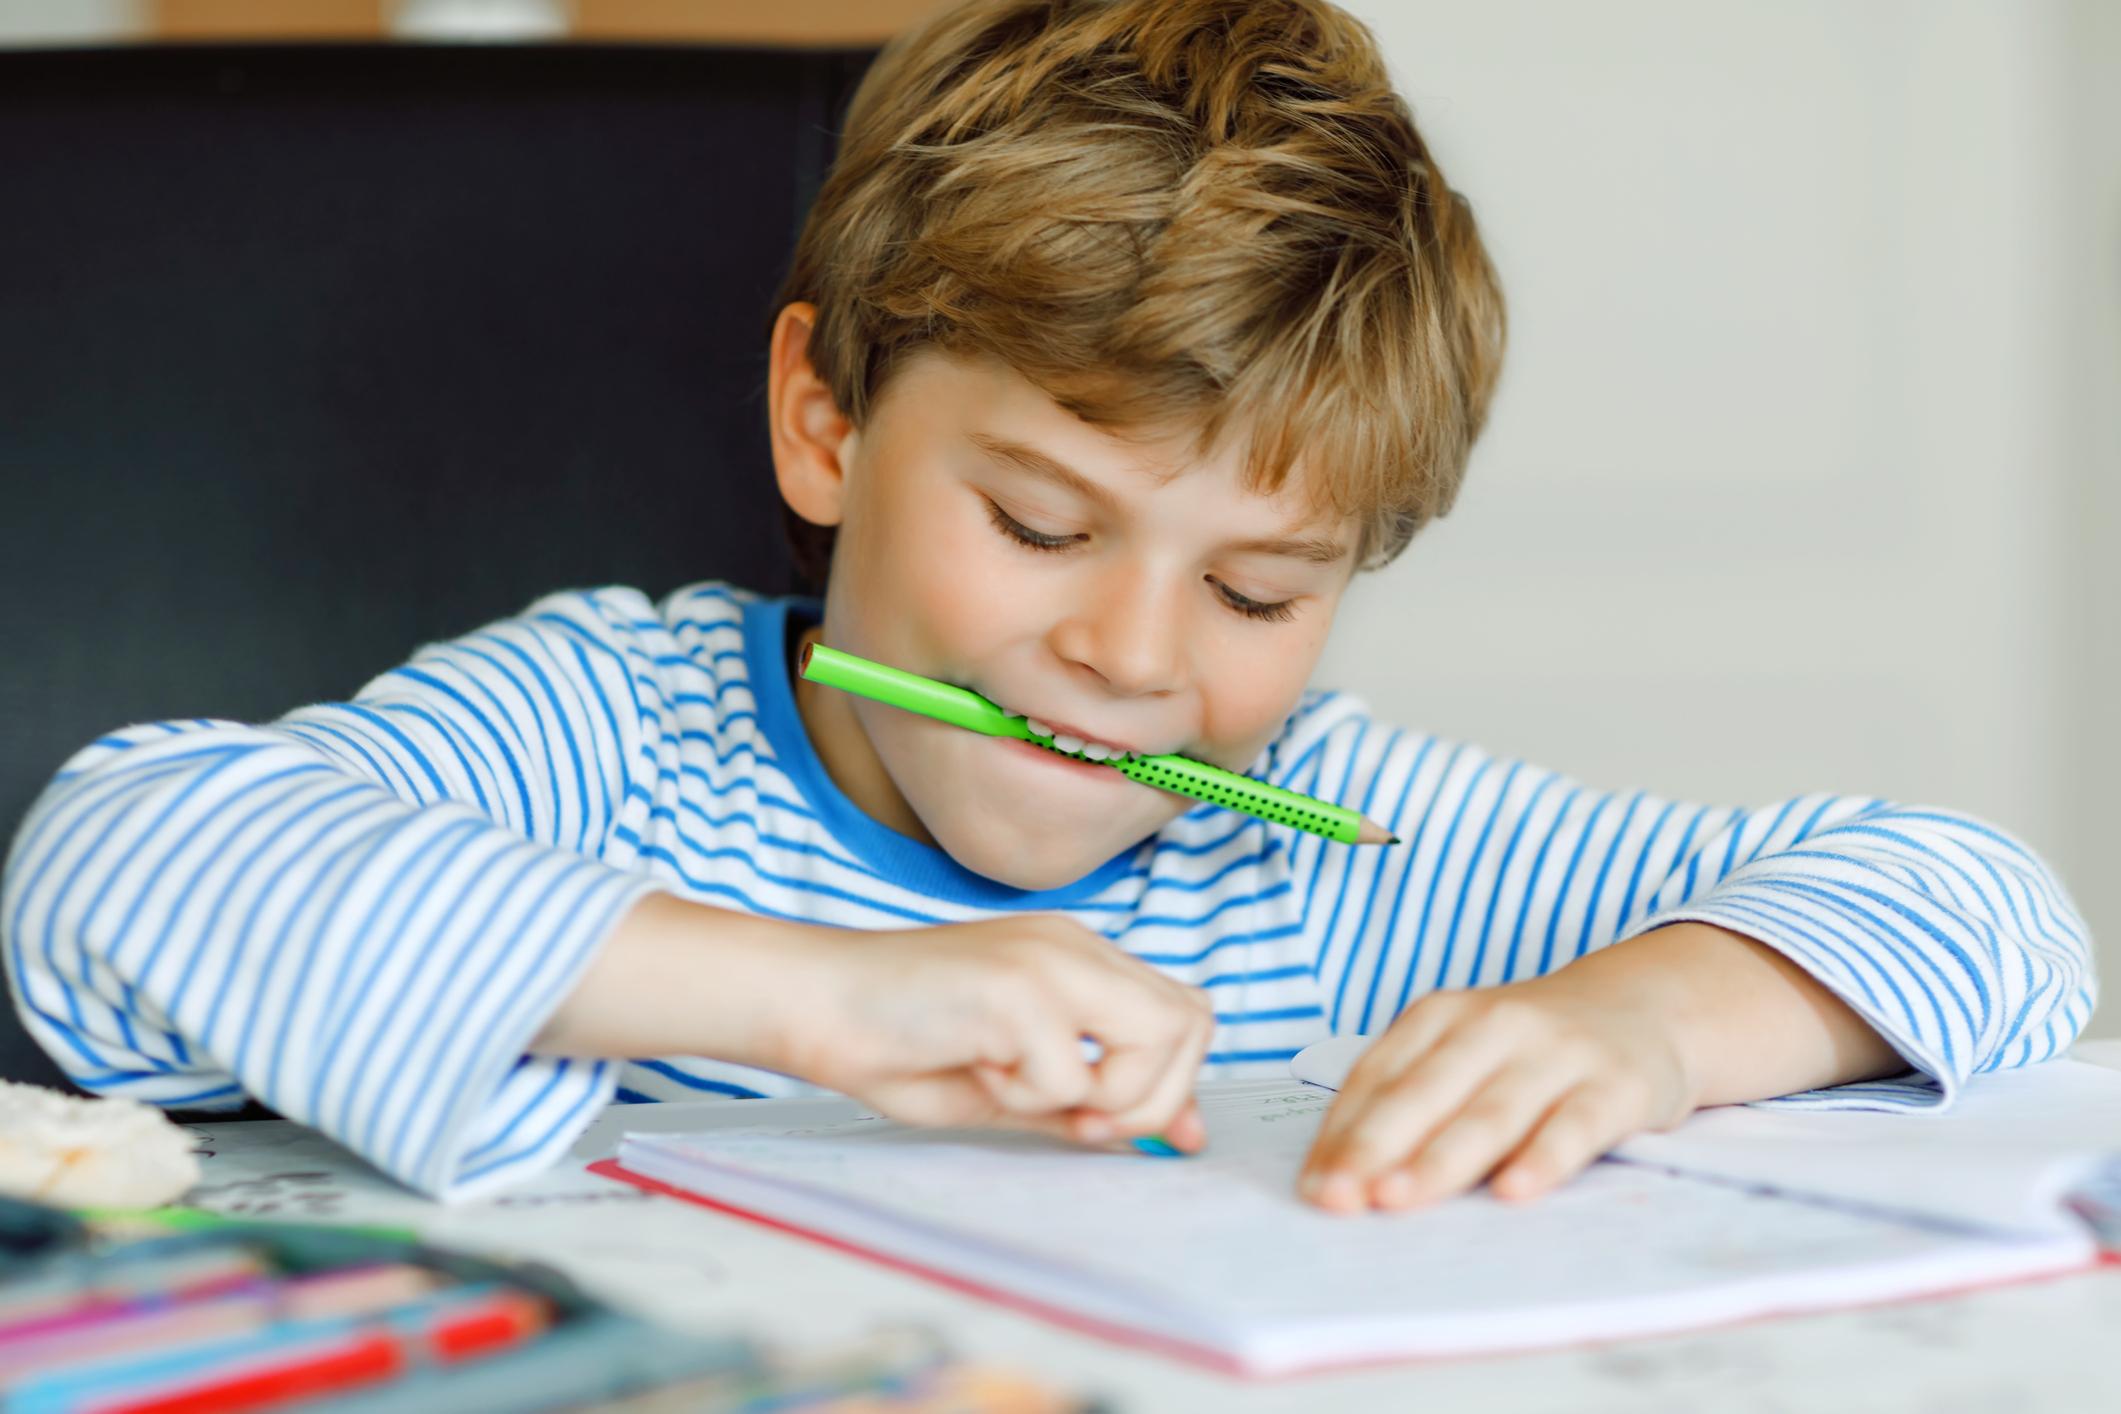 Schulkind am Tisch macht Haushaufgaben